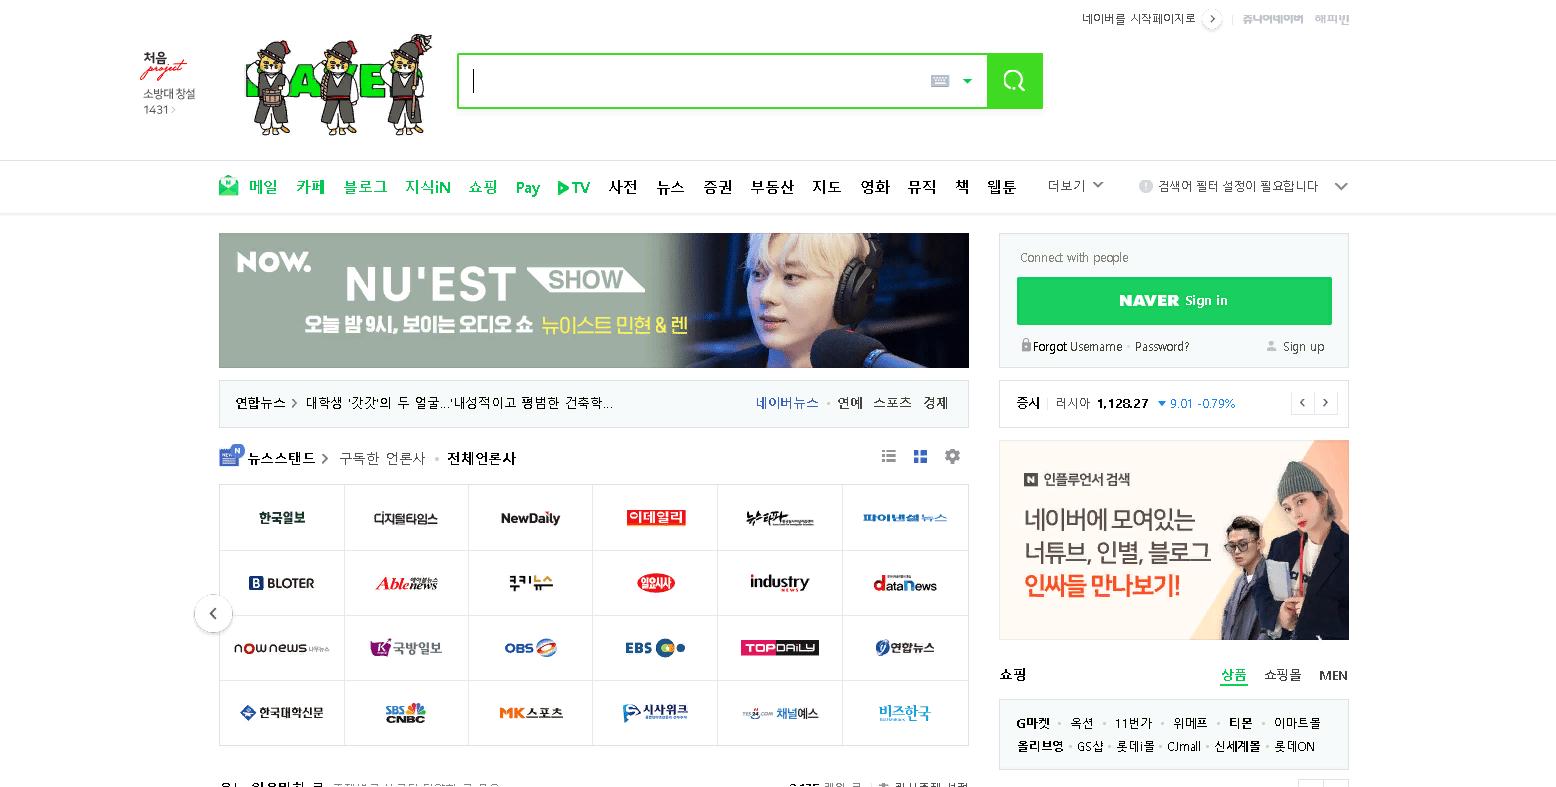 Поиск Naver